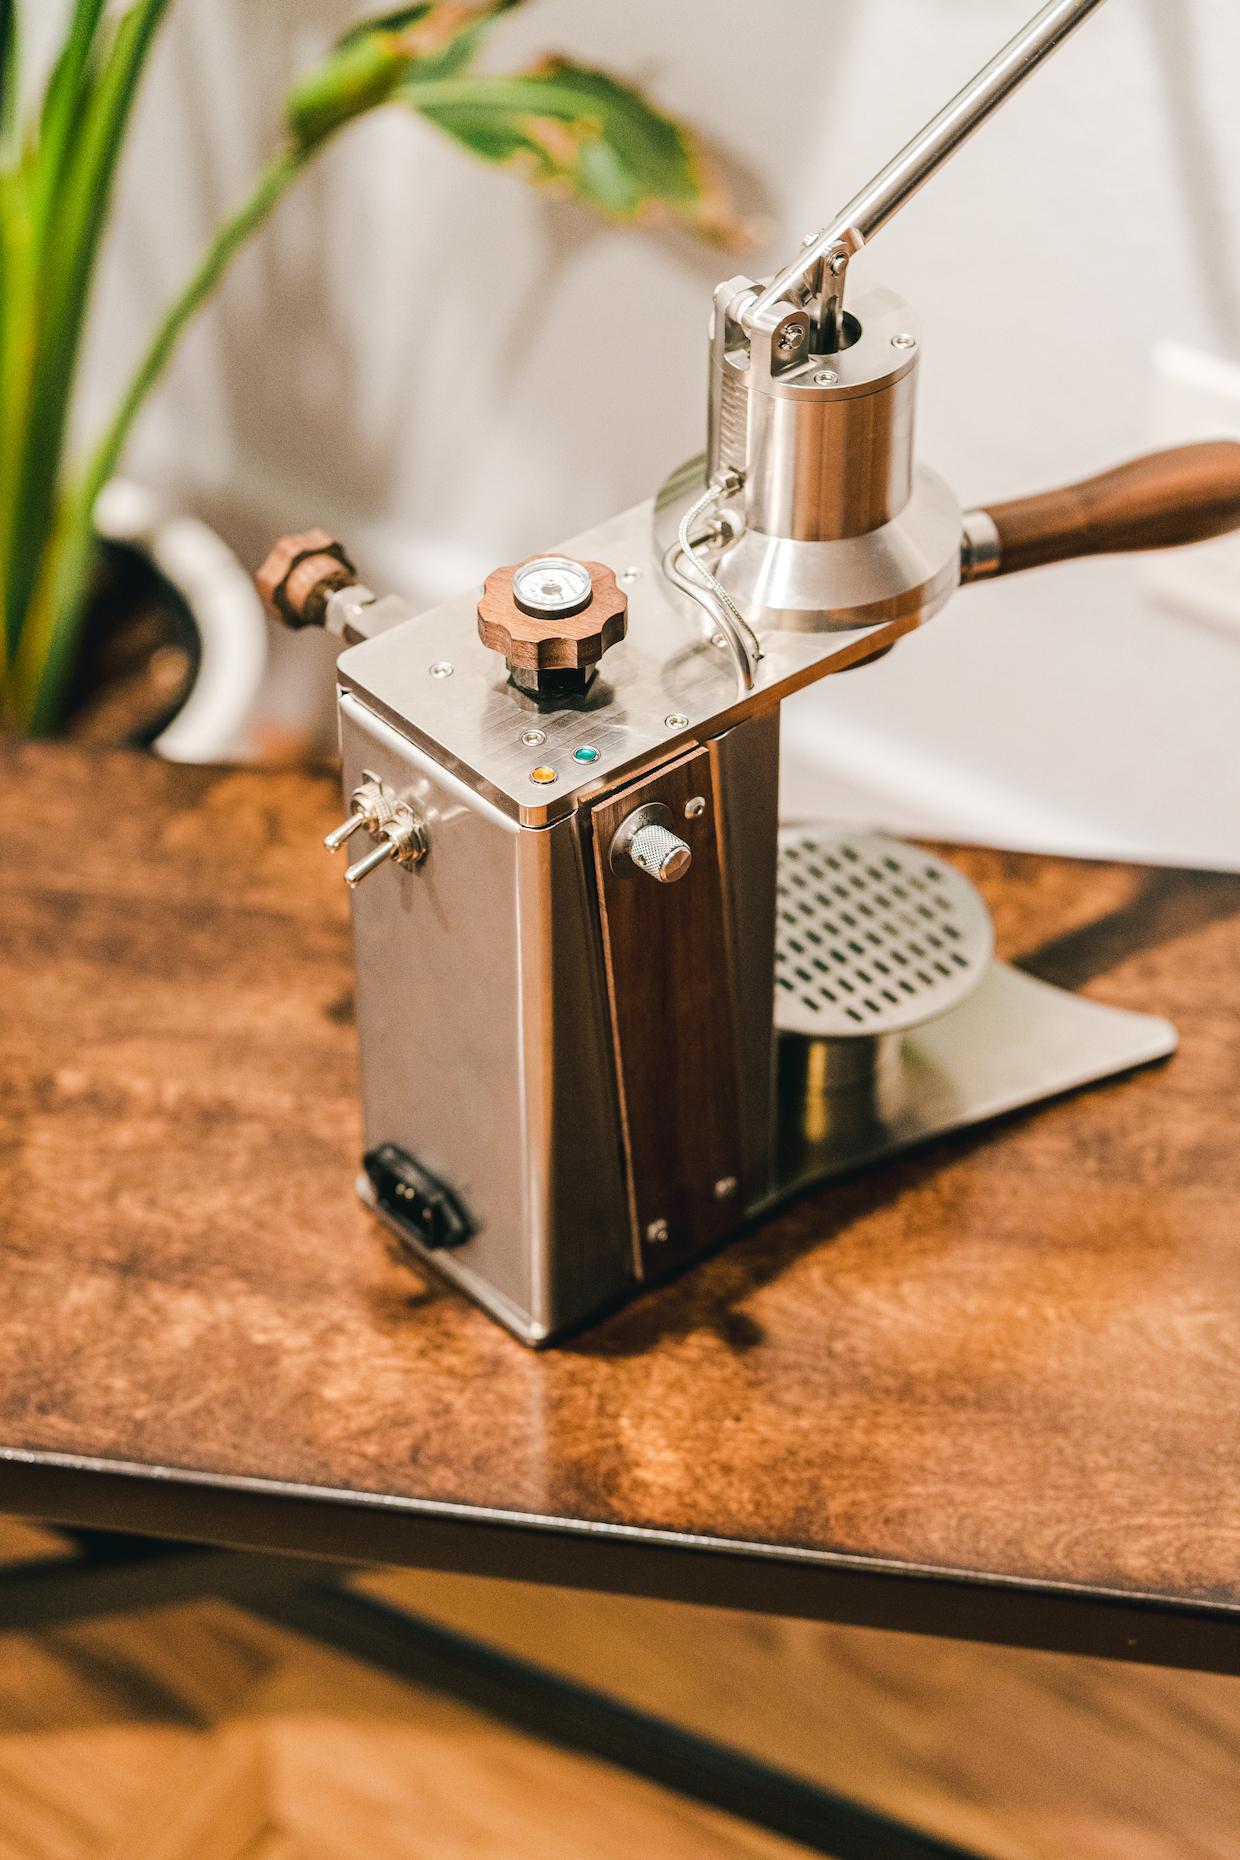 Oodyssey Espresso Argos 5